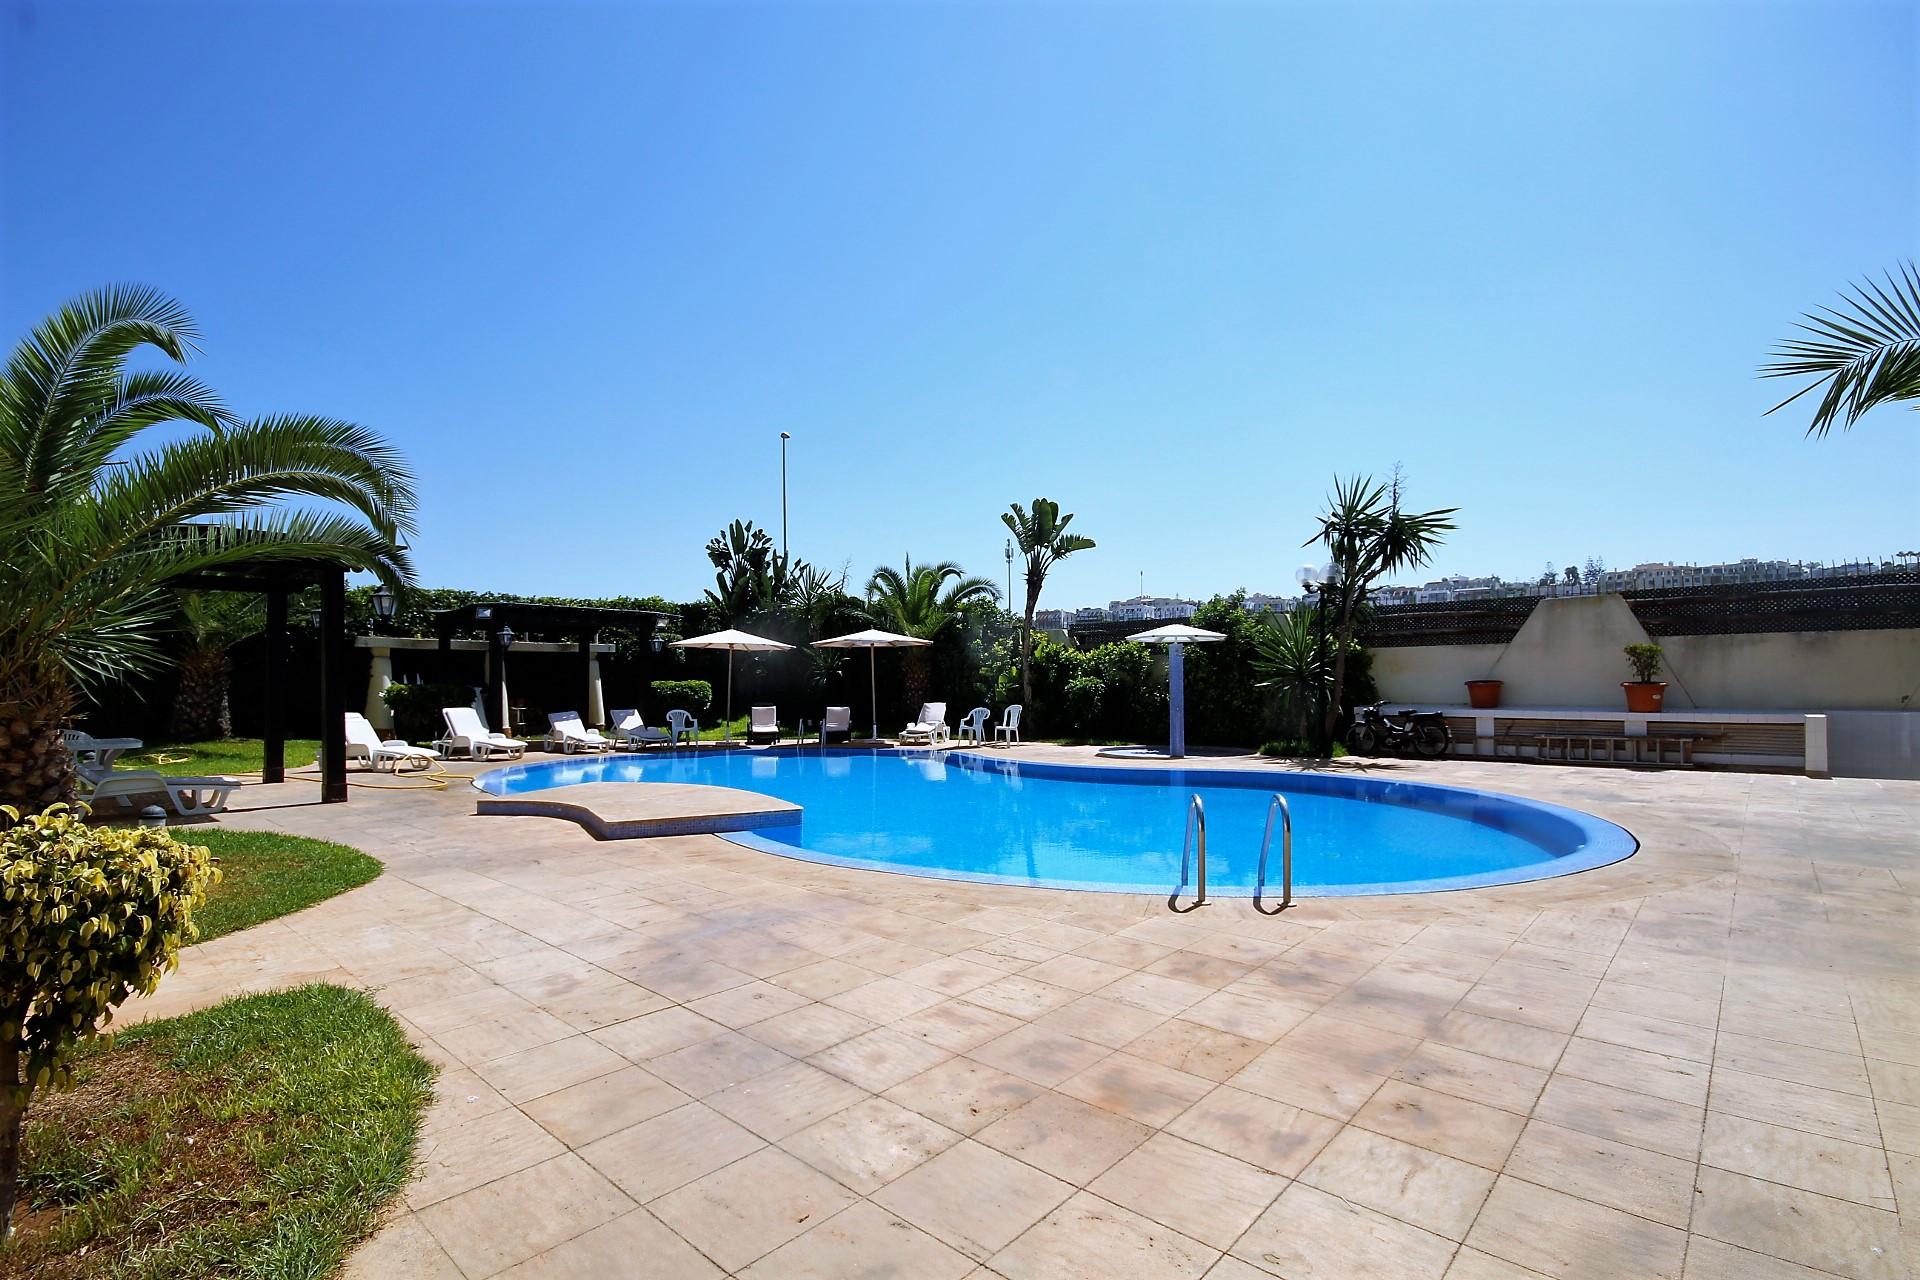 Maroc, Casablanca Ain diab (proche sindibad) loue charmante villa vue mer de 5 chambres de 480 m² dans résidence sécurisée.